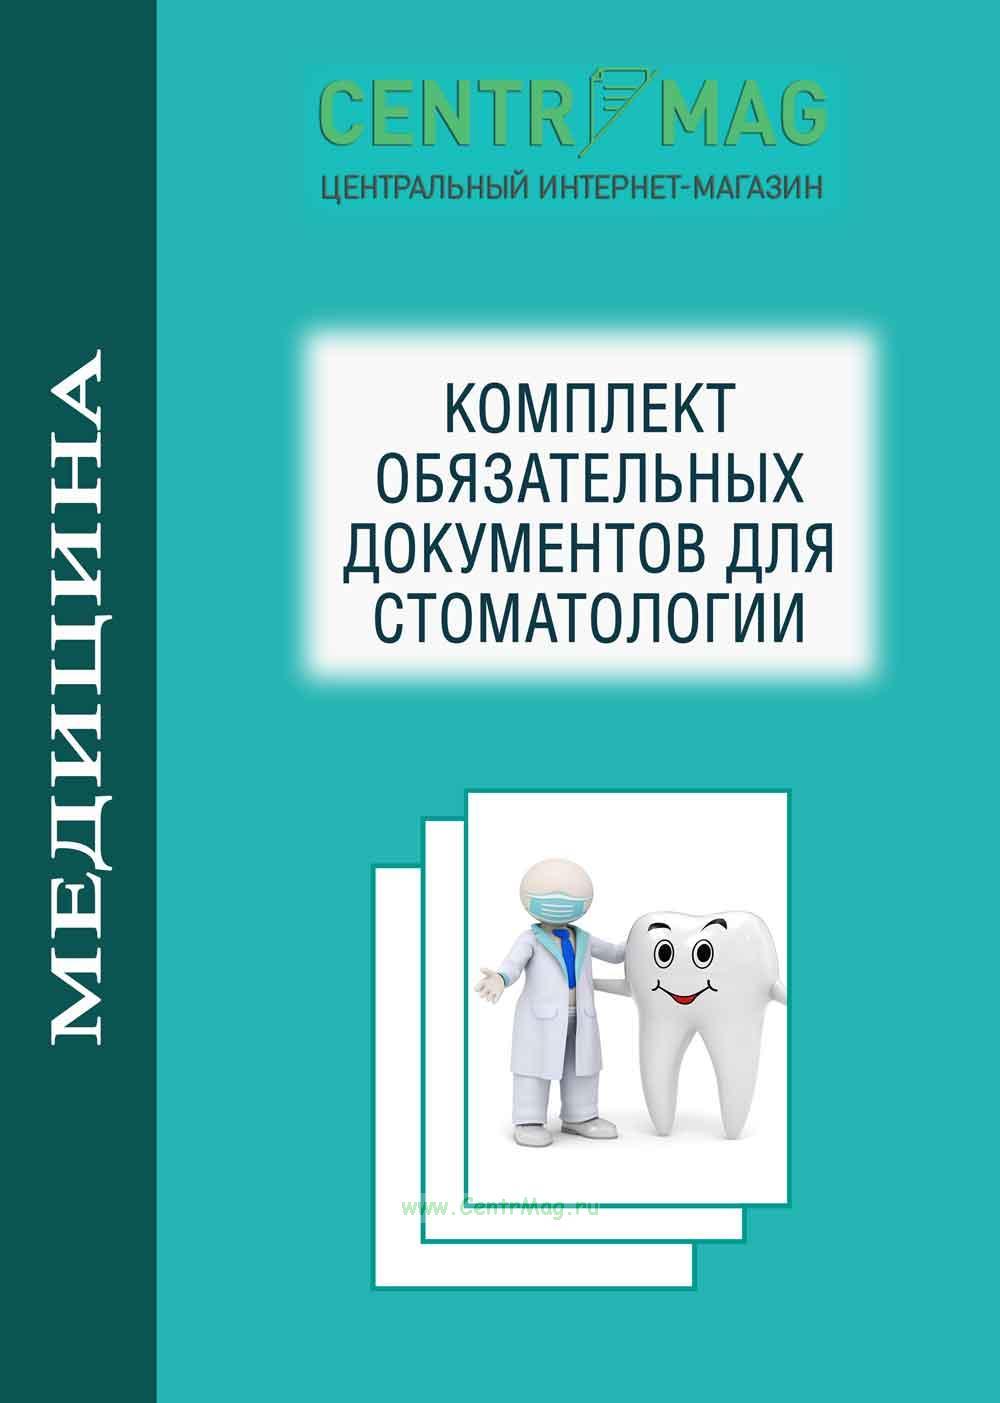 Комплект обязательных документов для стоматологии 2018 год. Последняя редакция